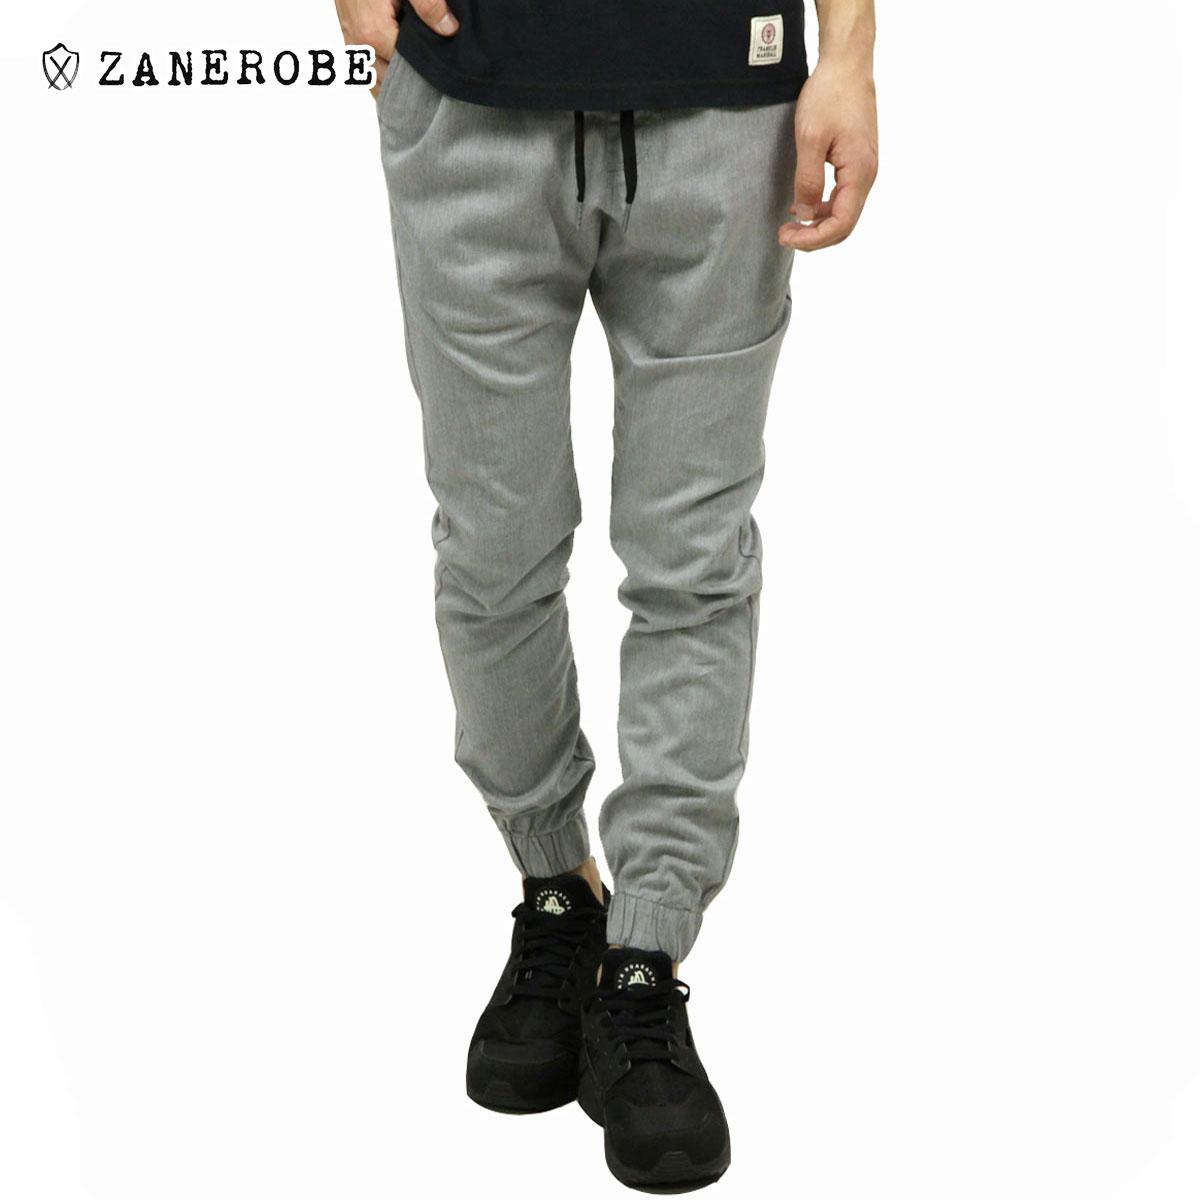 ゼンローブ ZANEROBE 正規販売店 メンズ チノパン SURESHOT JOGGER PANTS CLOUDY MARLE 712-MET